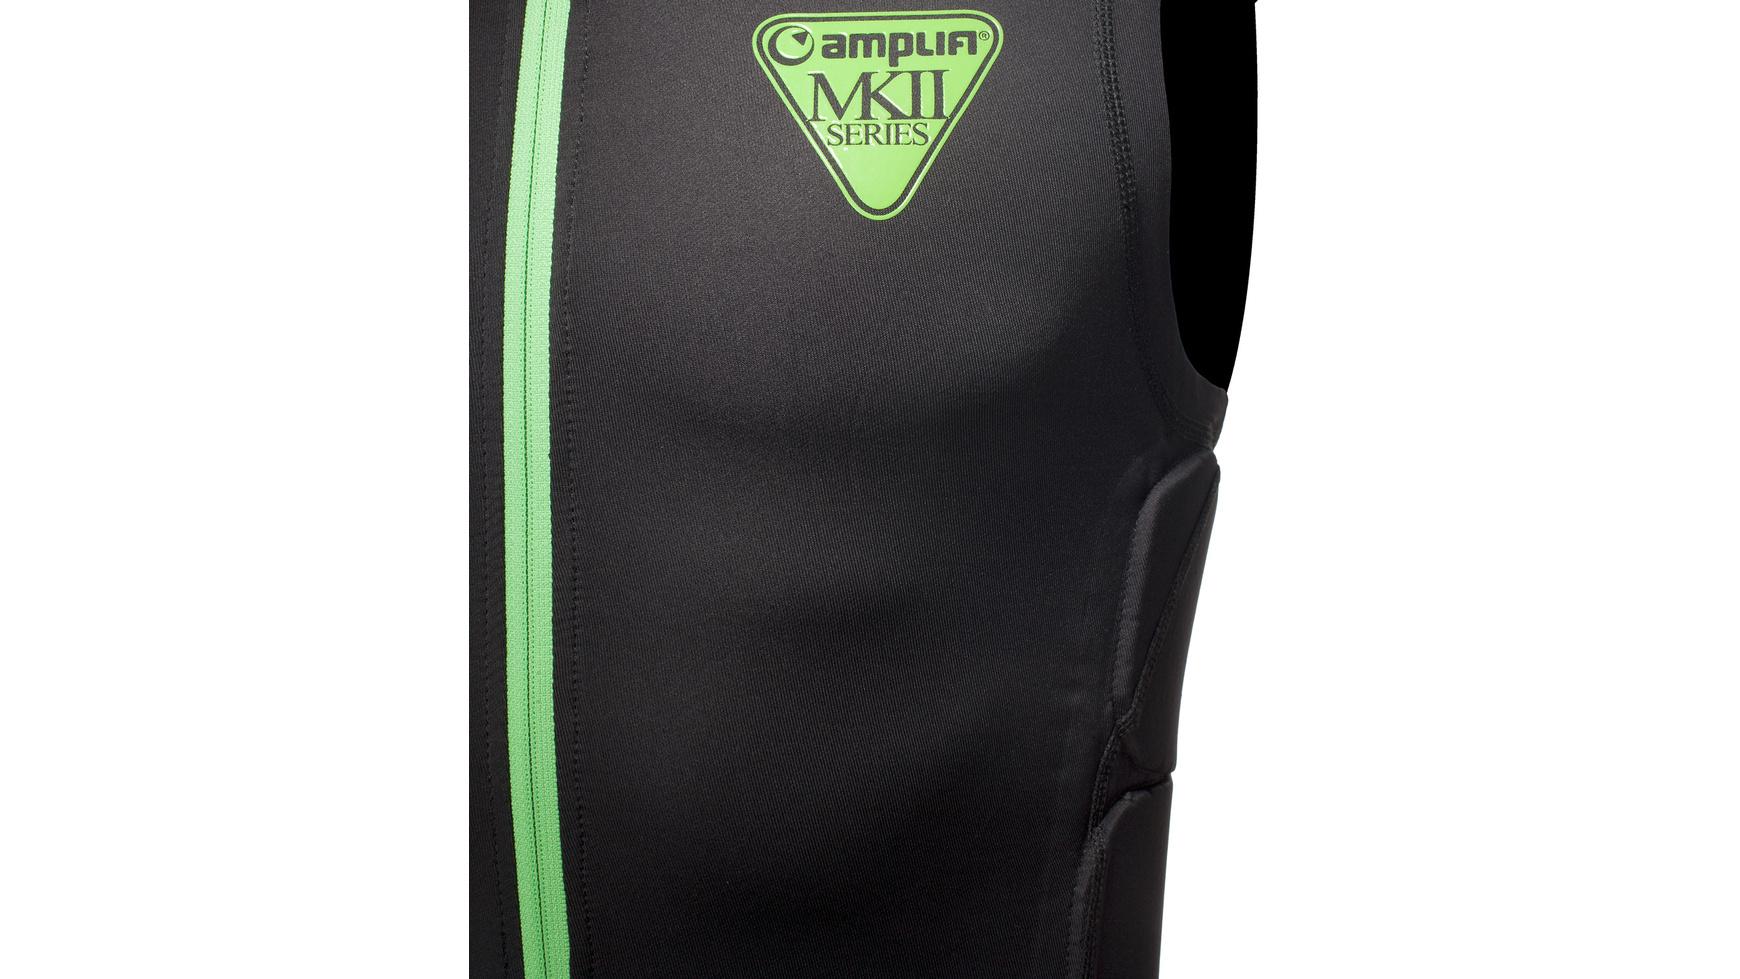 280000001-amplifi_mkii_jacket_detail03